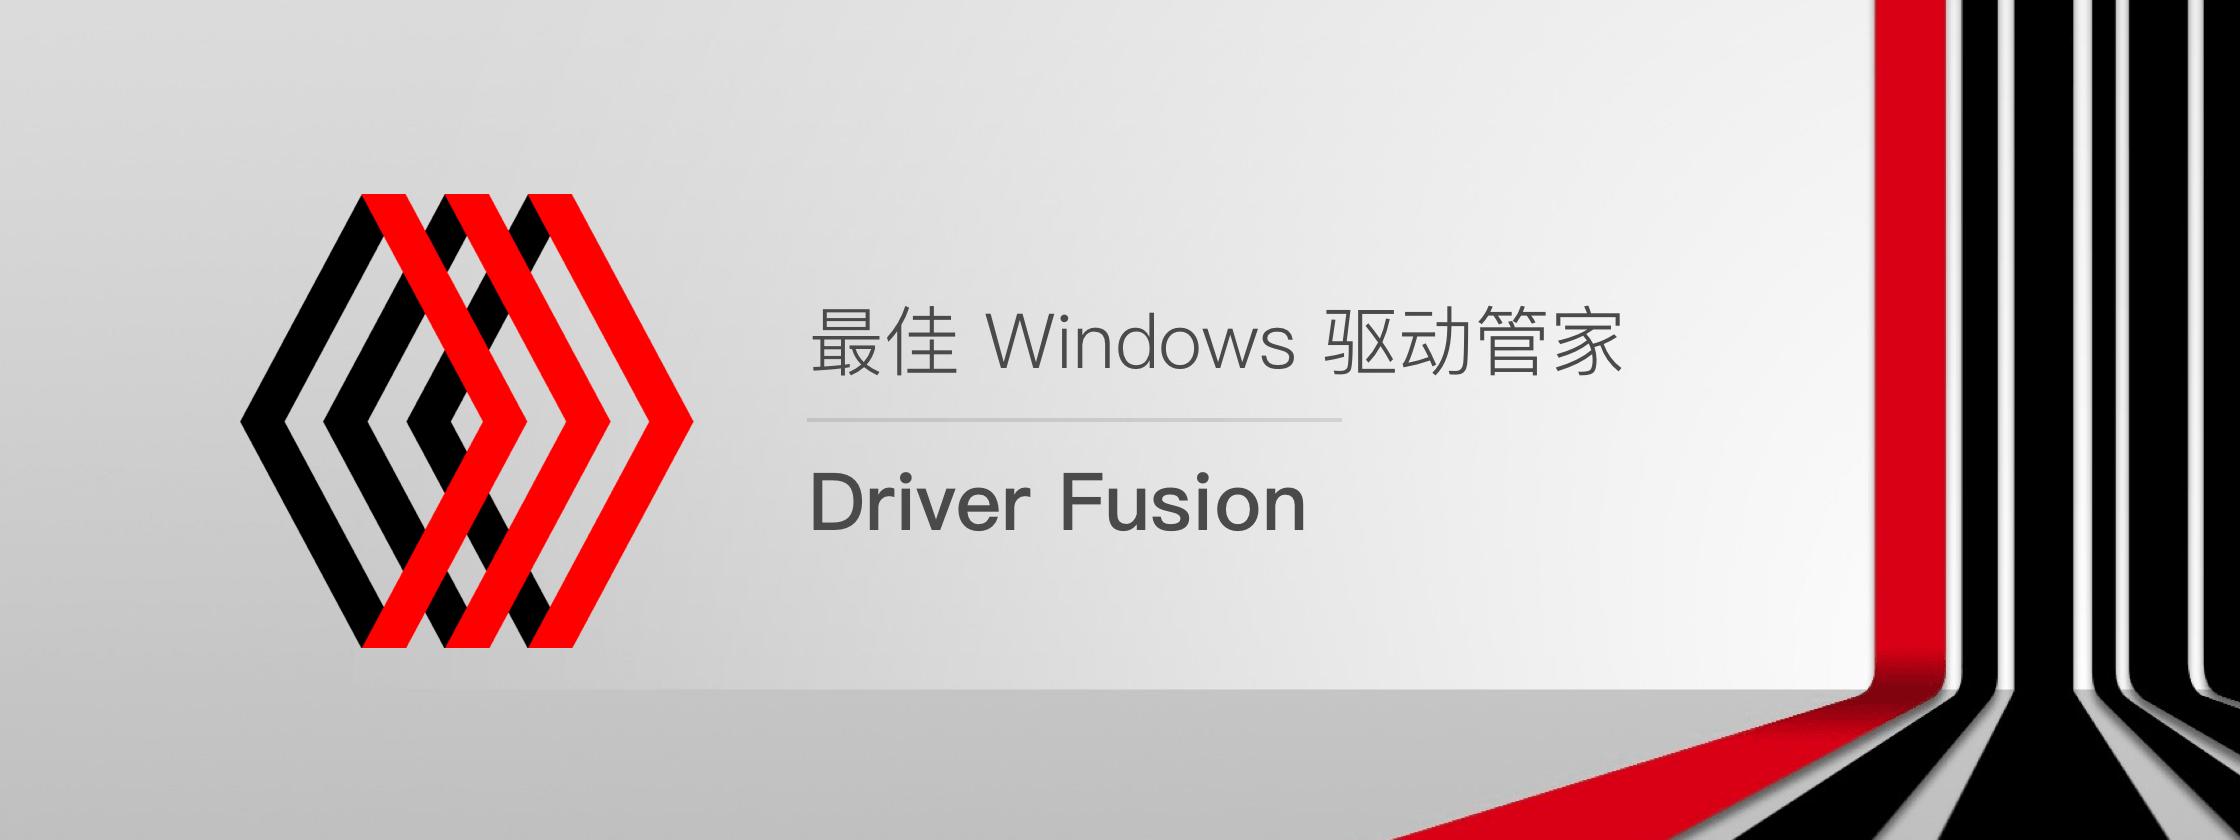 Driver Fusion – 最佳 Windows 驱动管家